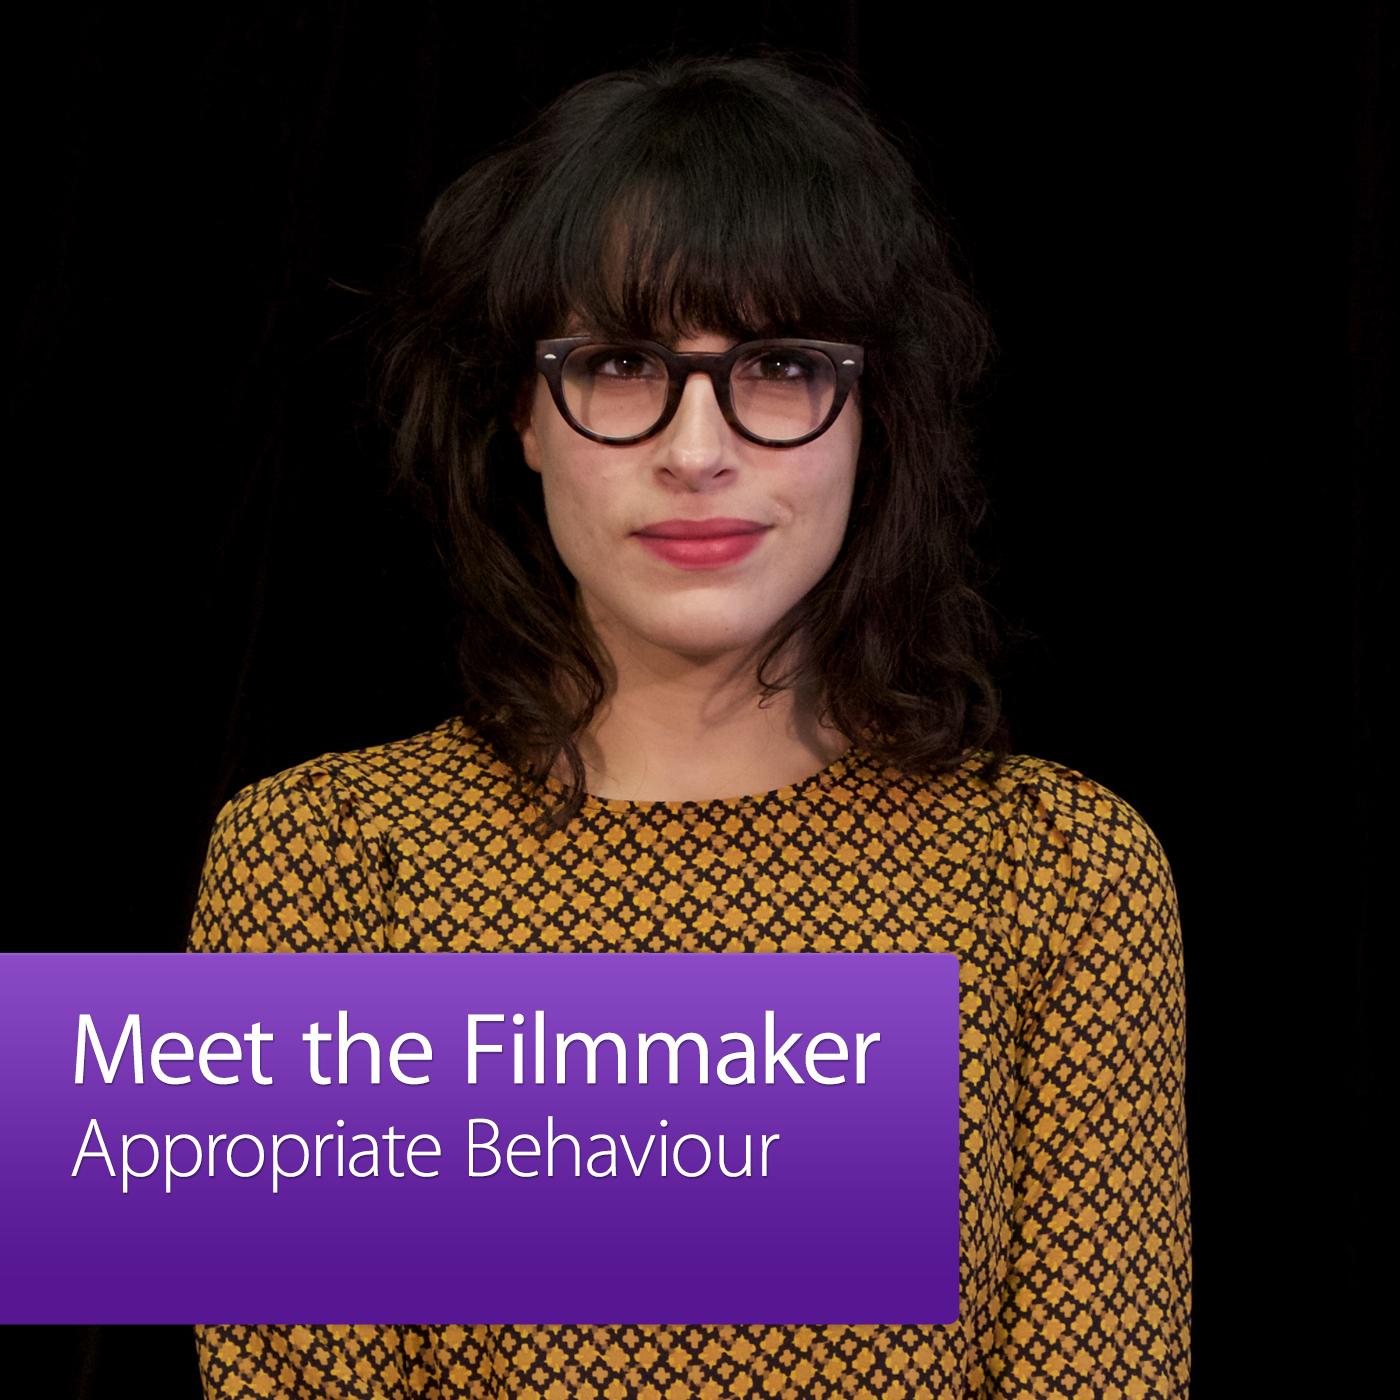 Appropriate Behaviour: Meet the Filmmaker